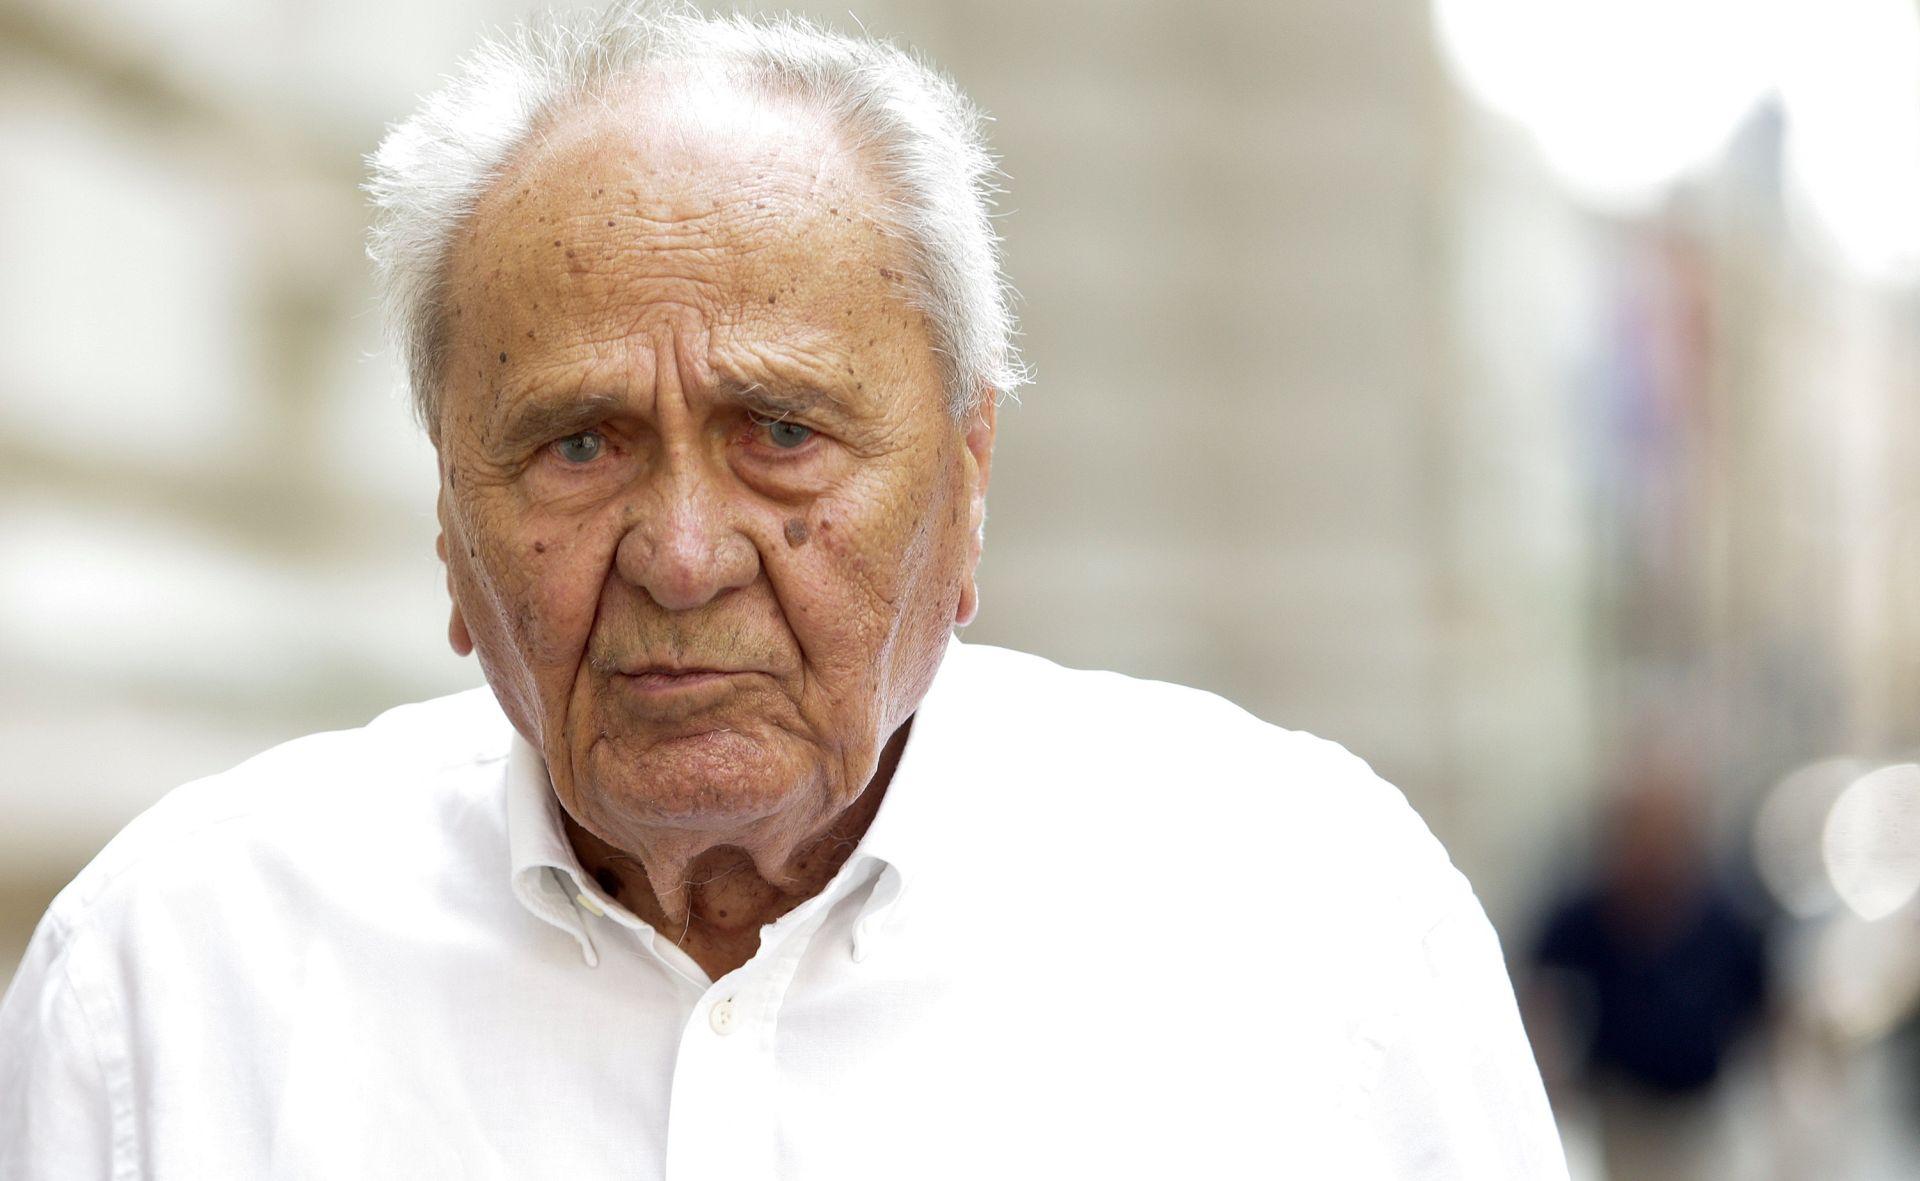 Propalo mirenje Karamarka i Manolića koji ga je optužio da je bio suradnik Udbe